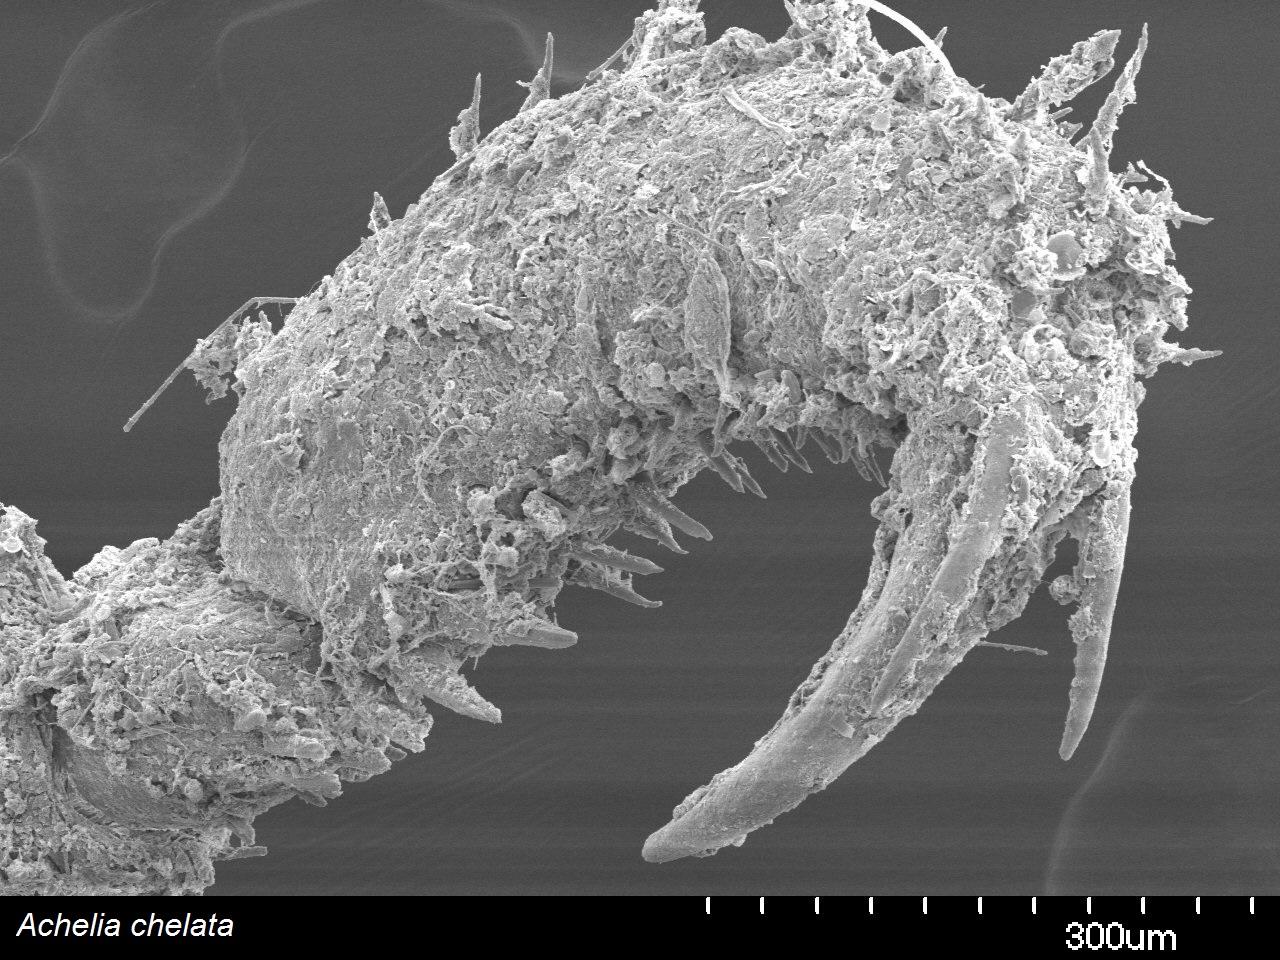 SEM image of  Achelia chelata  tarsus